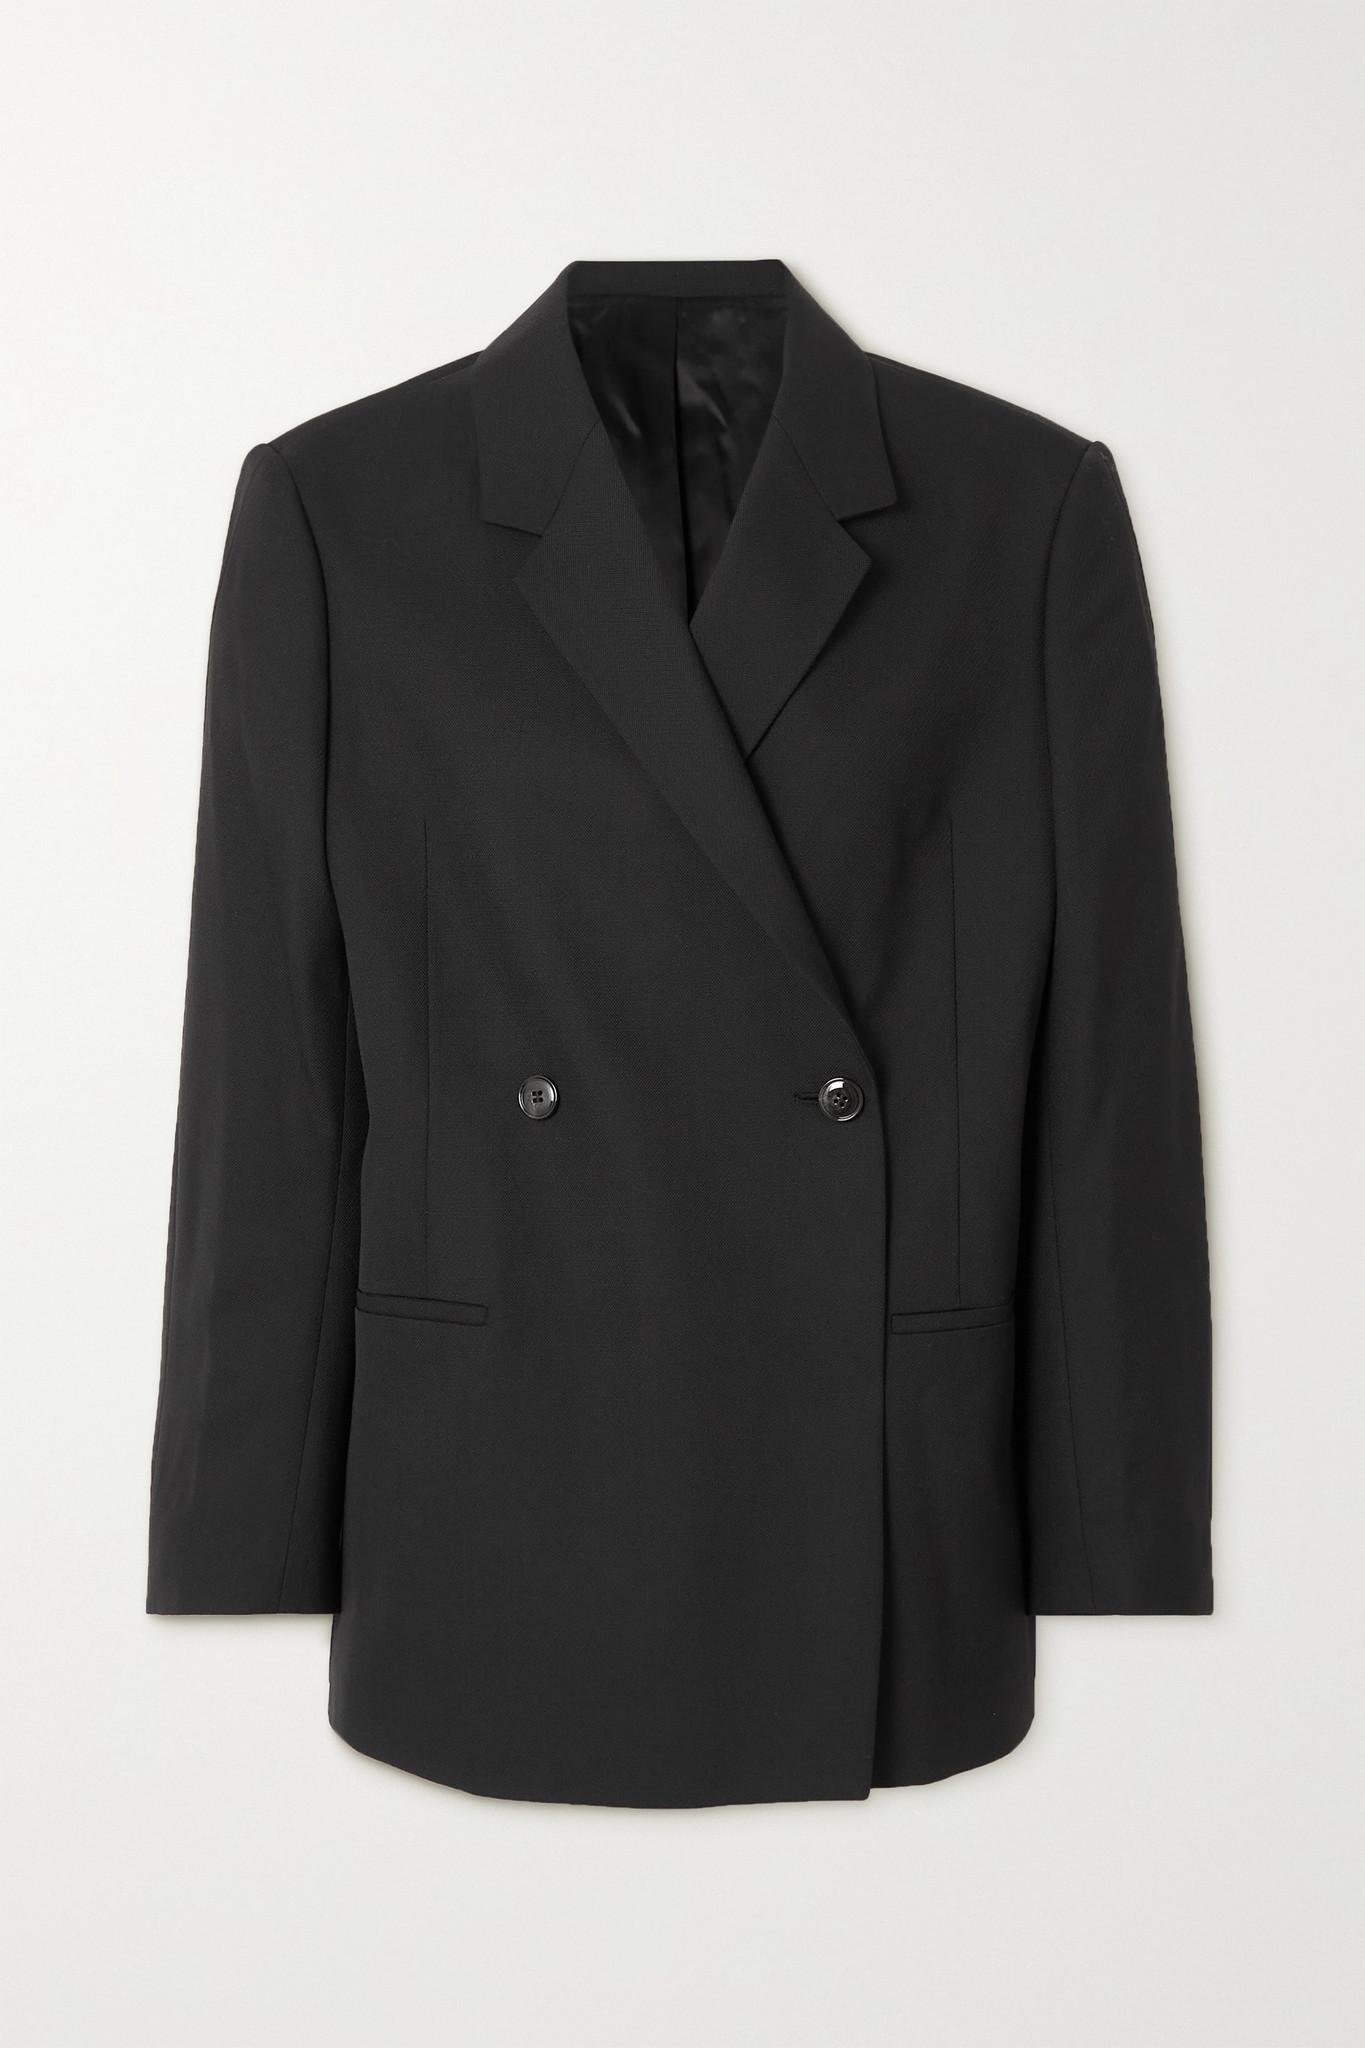 """TOTÊME - """"loreo"""" 大廓形双排扣梭织西装外套 - 黑色 - FR36"""